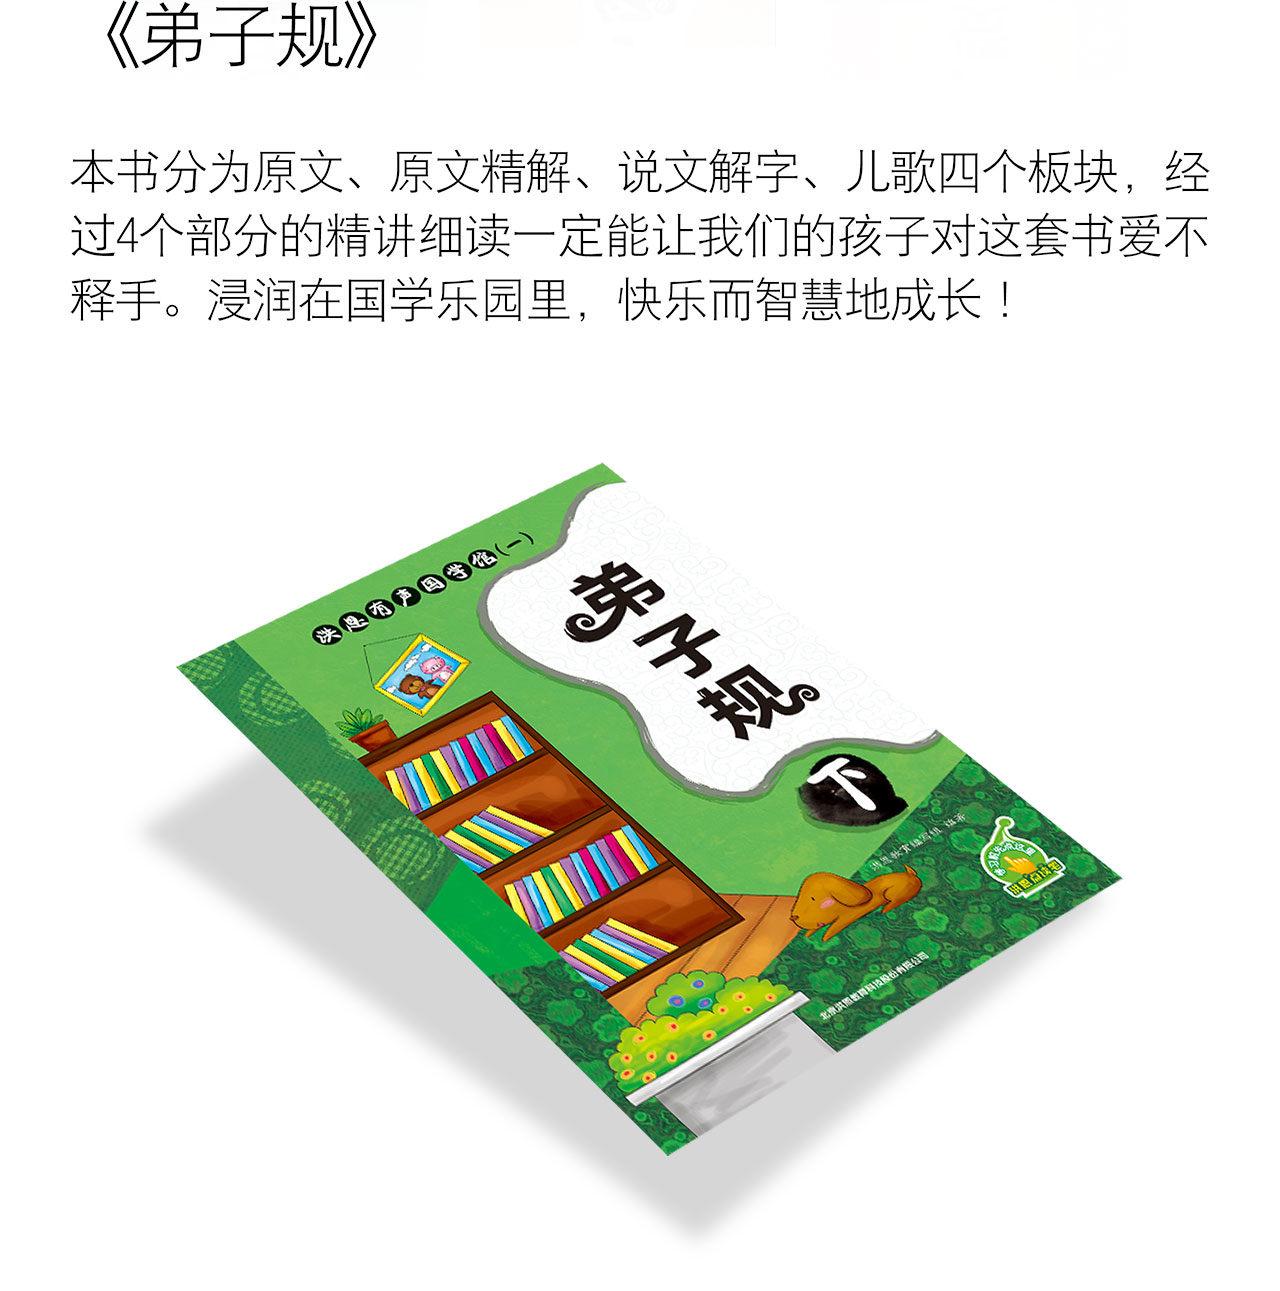 《弟子规》 - 本书分为原文、原文精解、说文解字、儿歌四个板块,经过4个部分的精讲细读一定能让我们的孩子对这套书爱不释手。浸润在国学乐园里,快乐而智慧地成长!